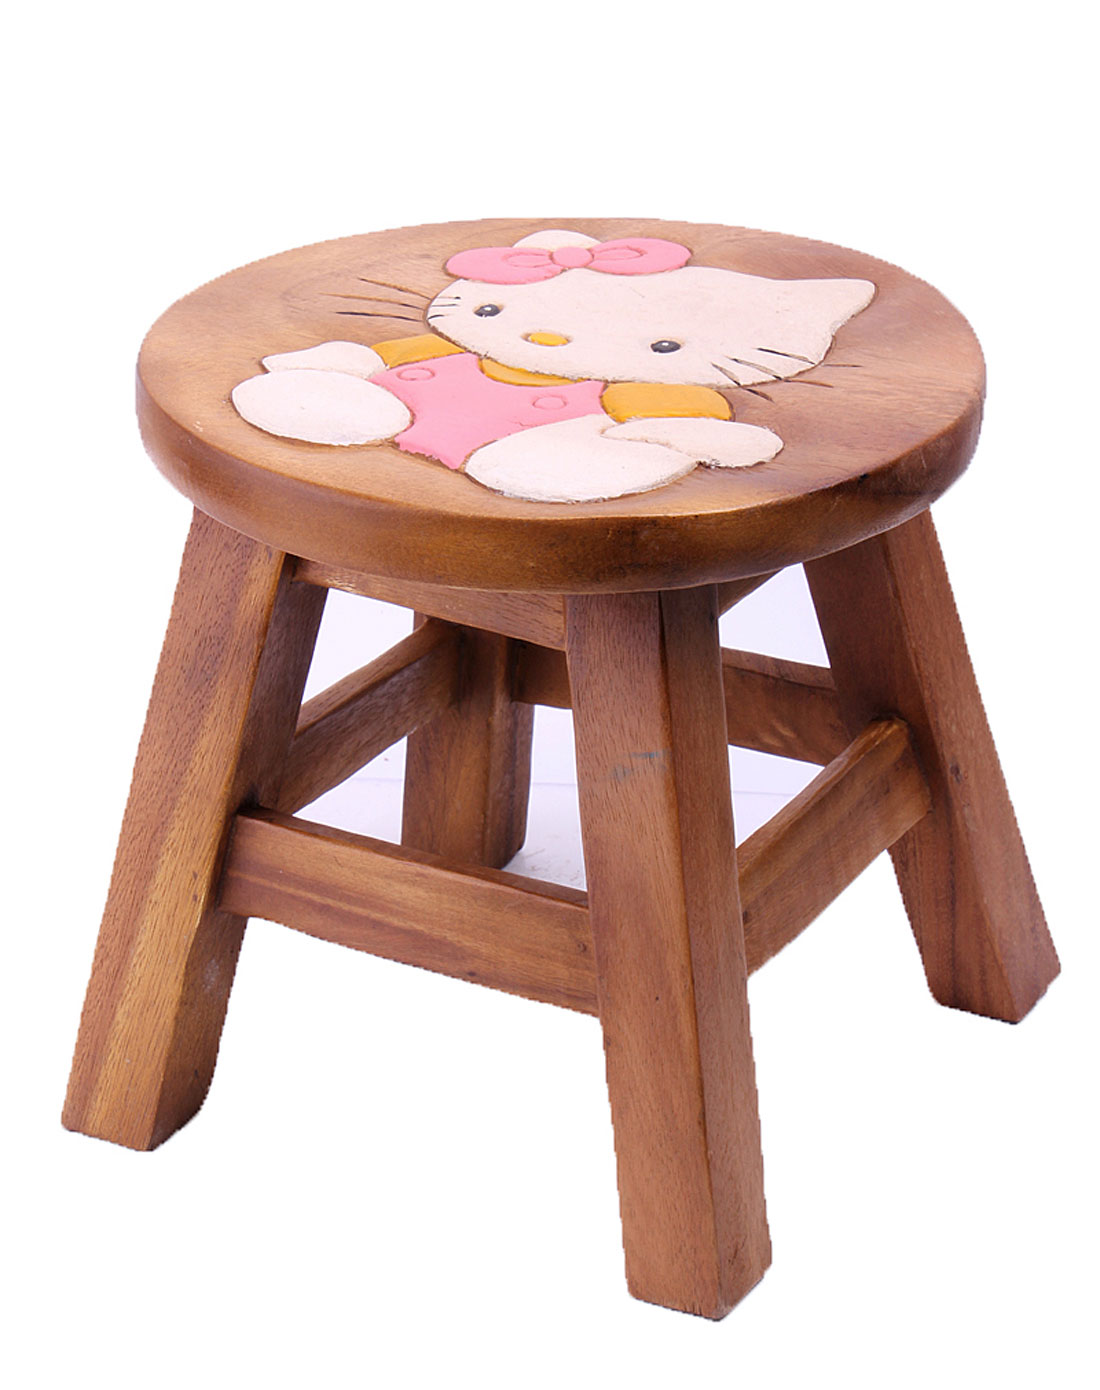 泰国柚手工制作家居木凳-hello kitty